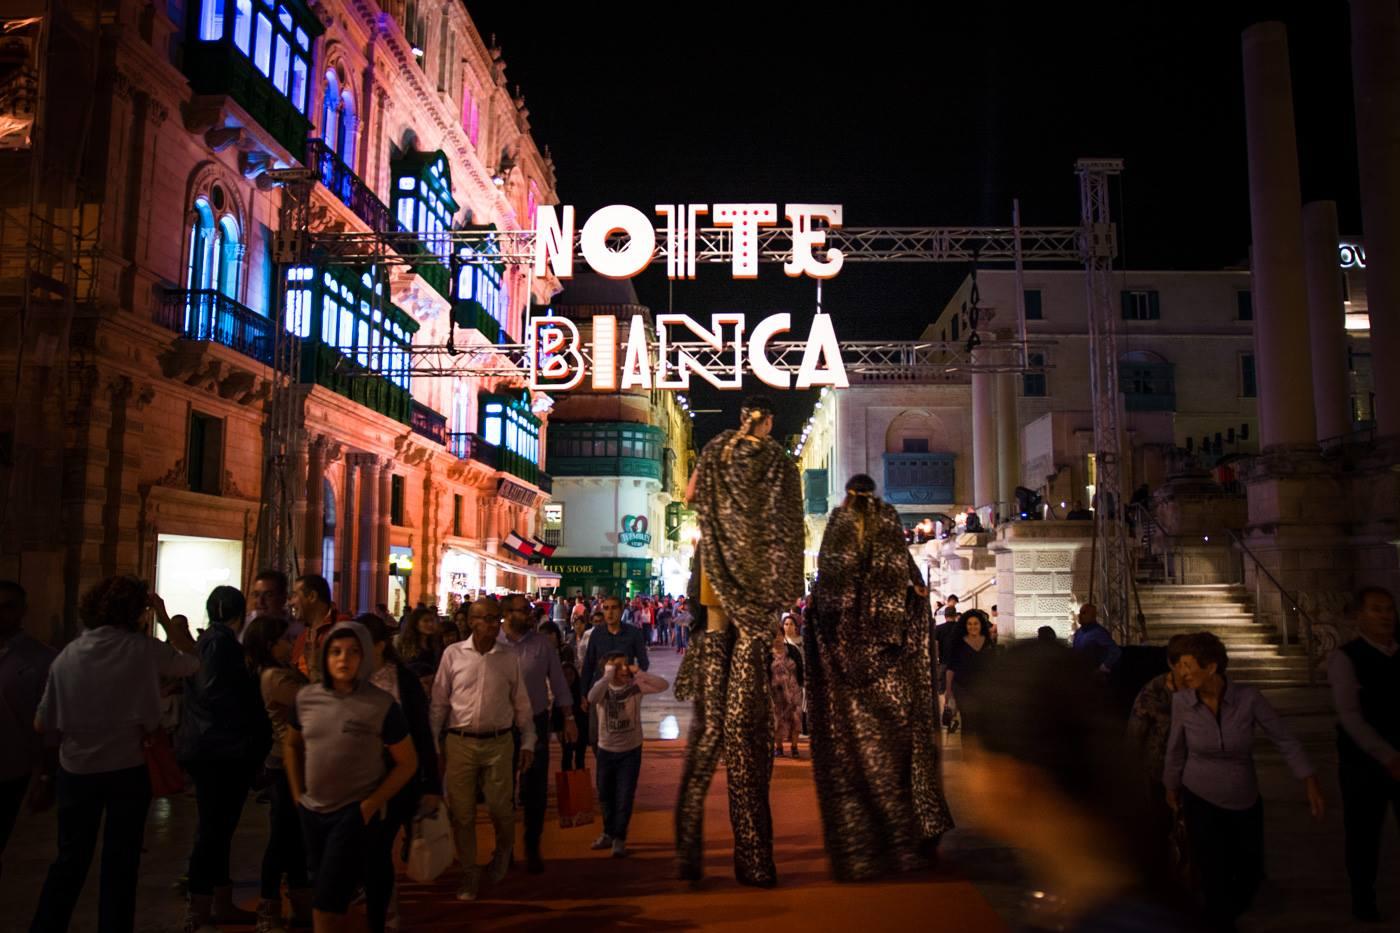 Notte Bianca in Valletta